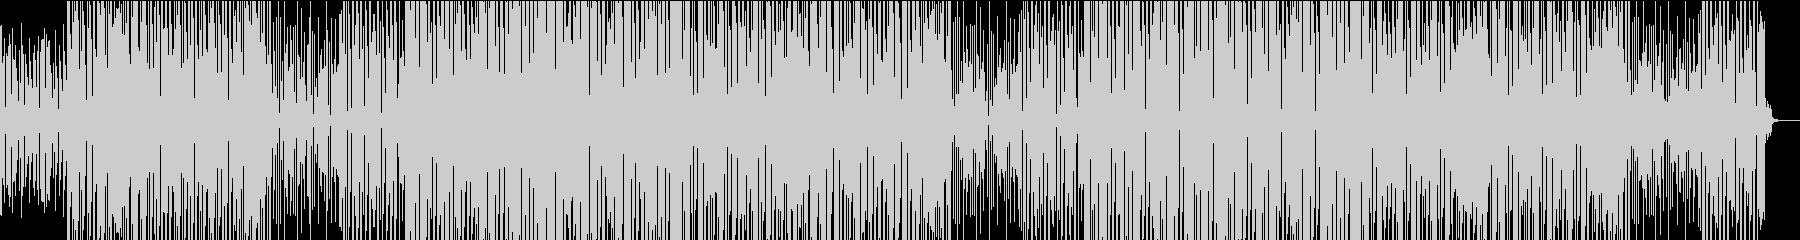 ブラスが70'~80'年代のディスコの未再生の波形